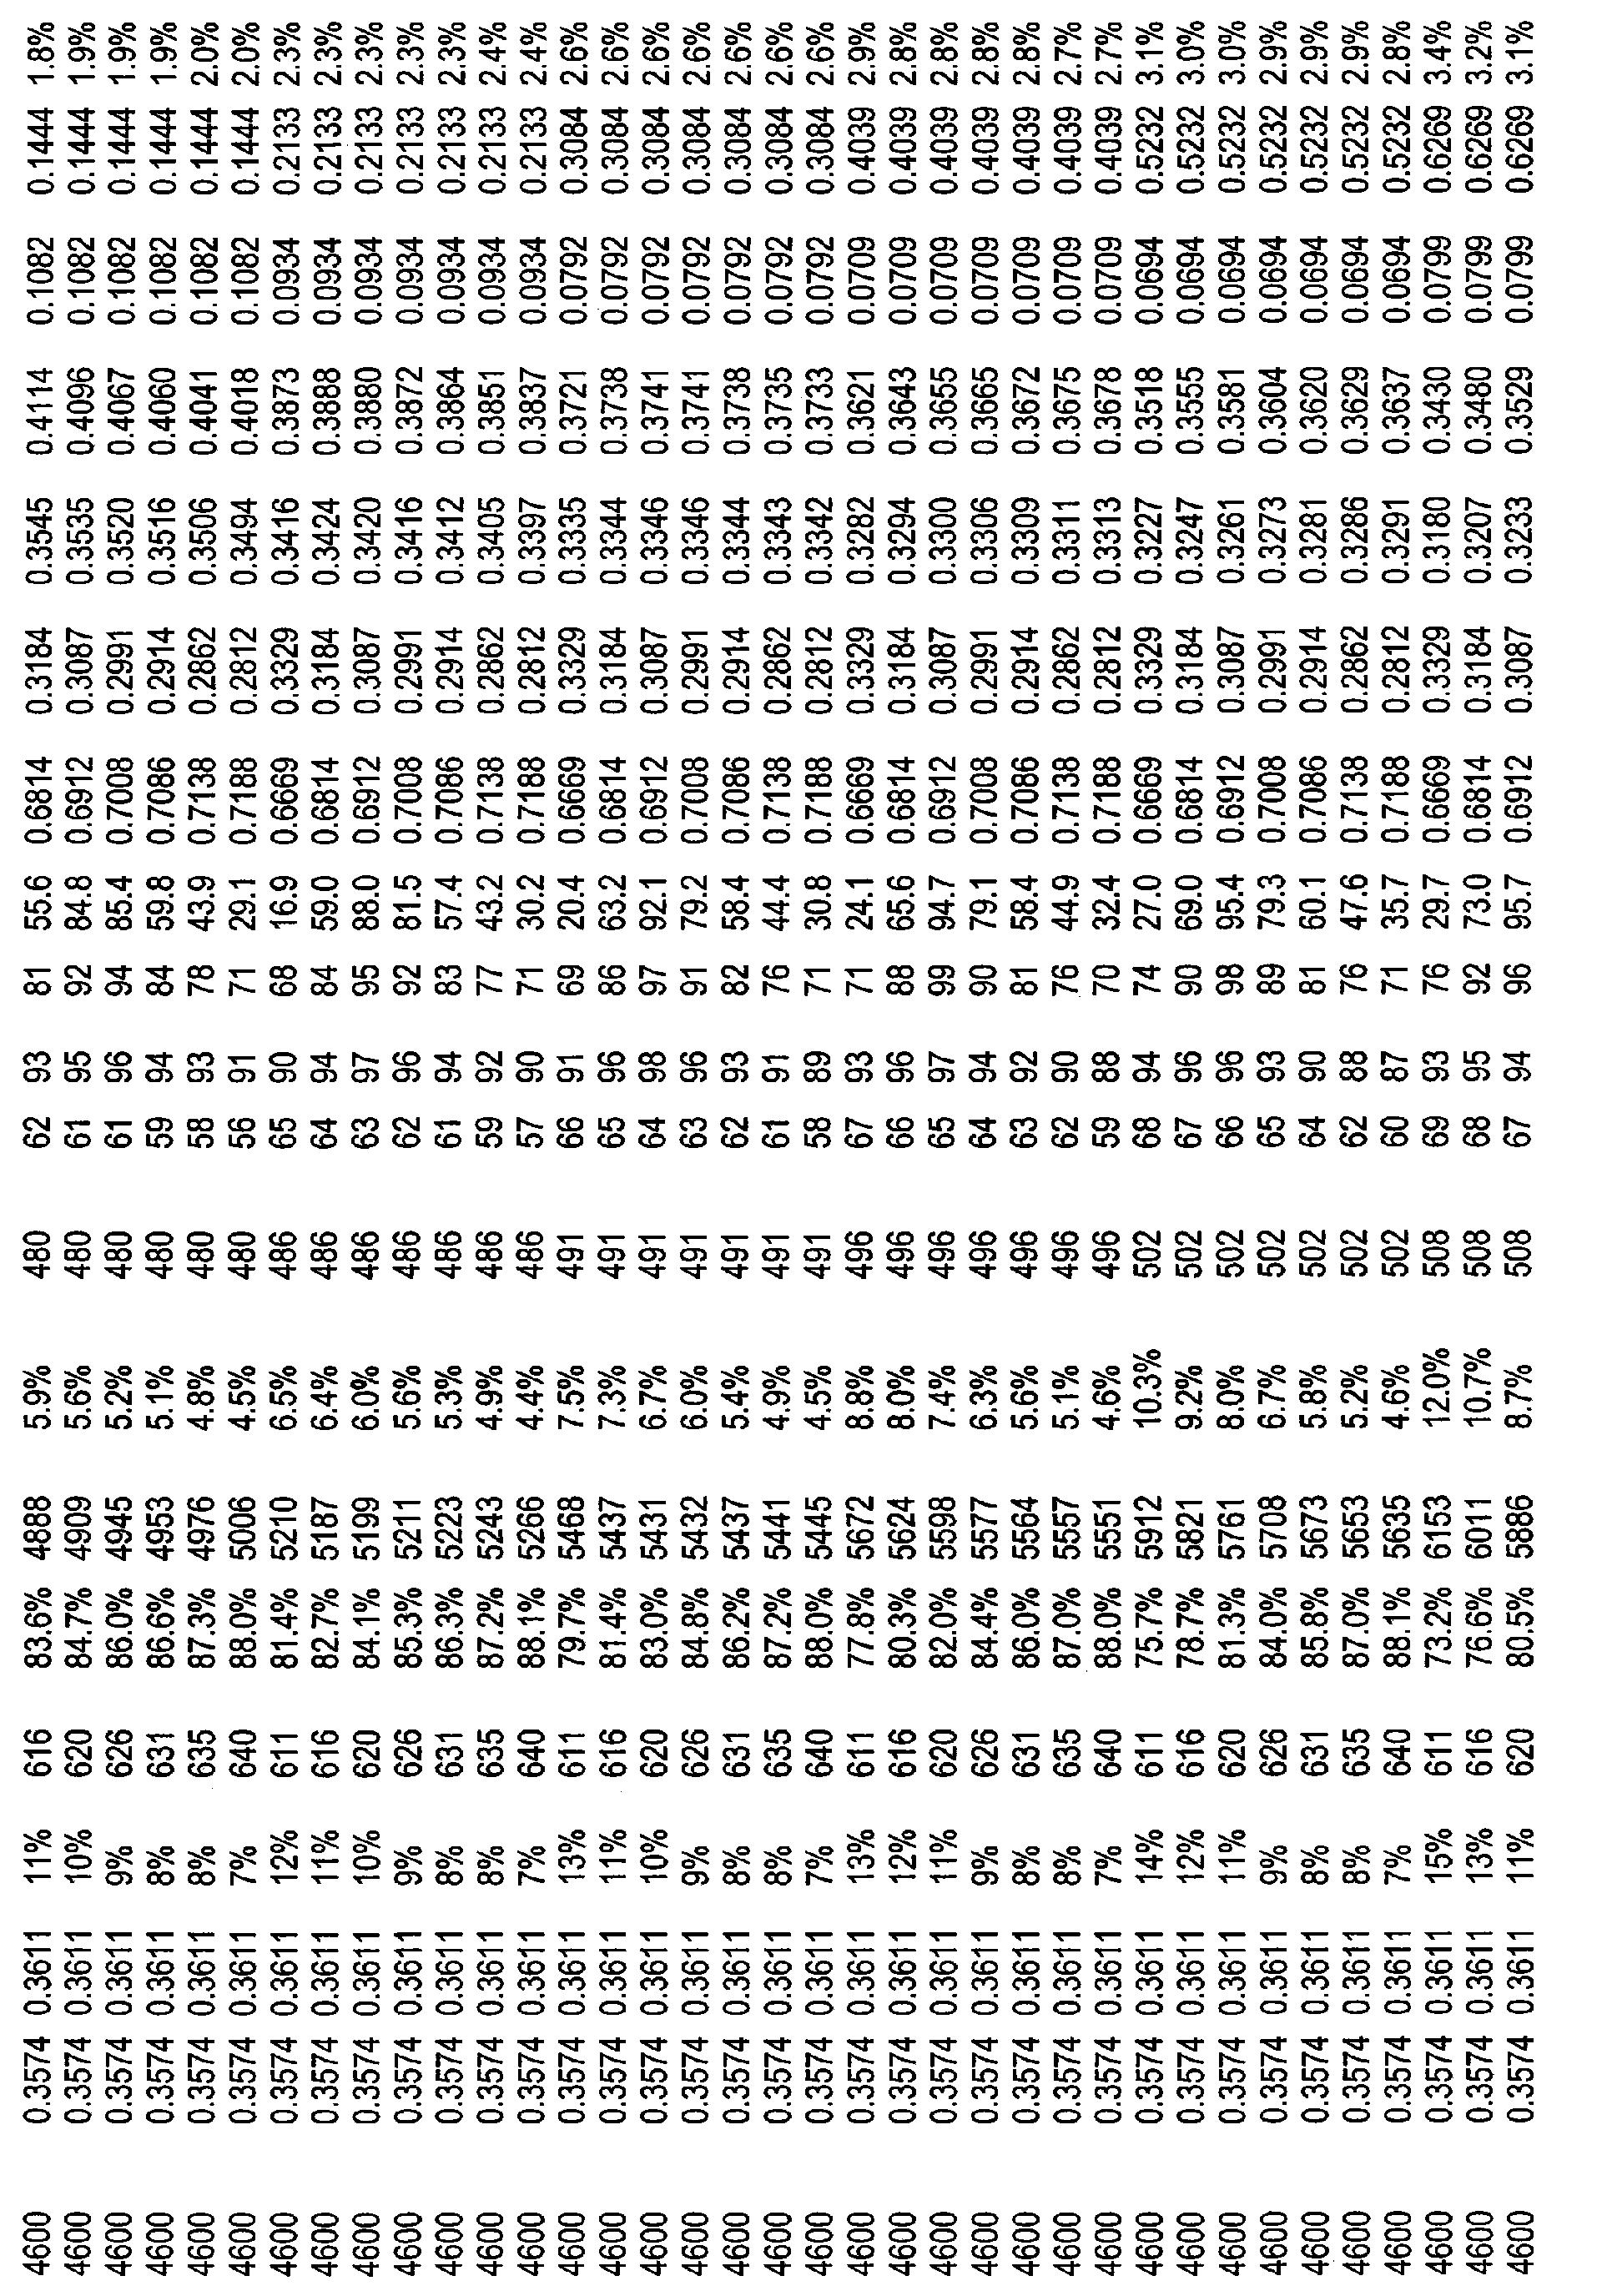 Figure CN101821544BD00751